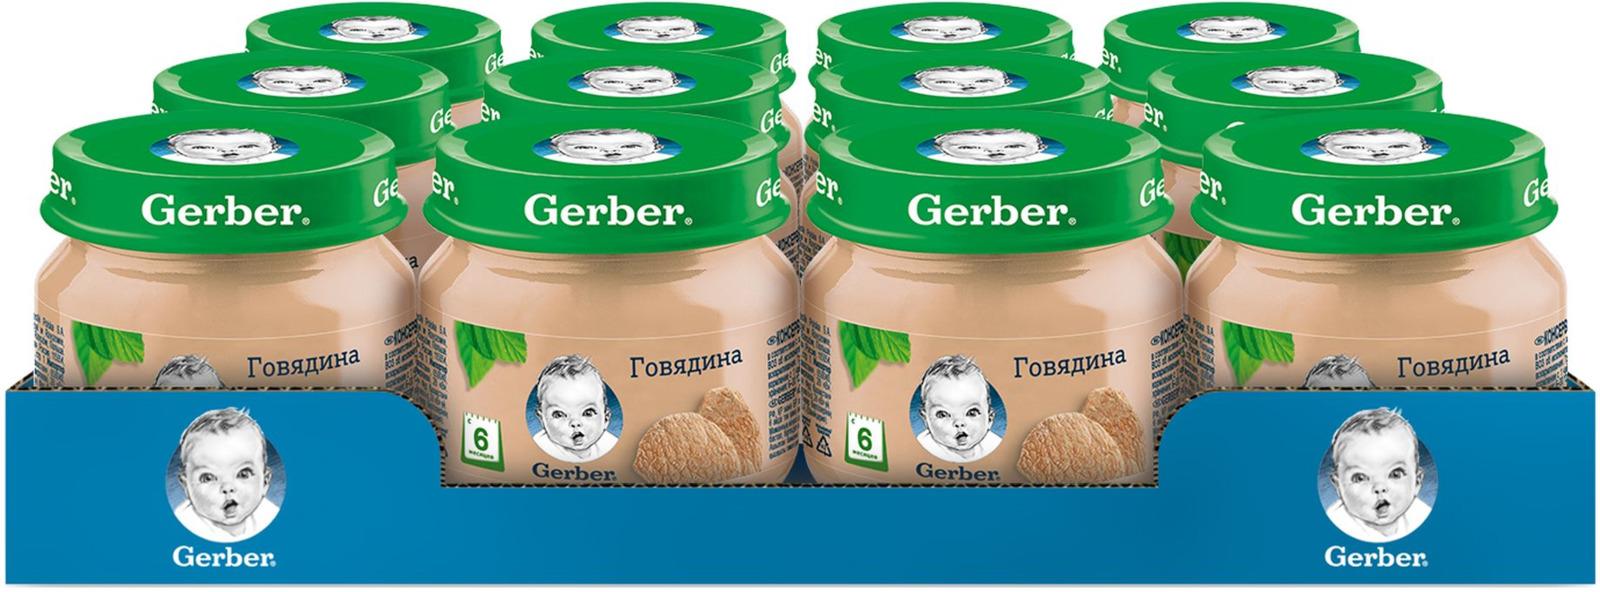 Пюре Консервы мясные говядина для питания детей с 6 месяцев Gerber, 12 шт по 80 г